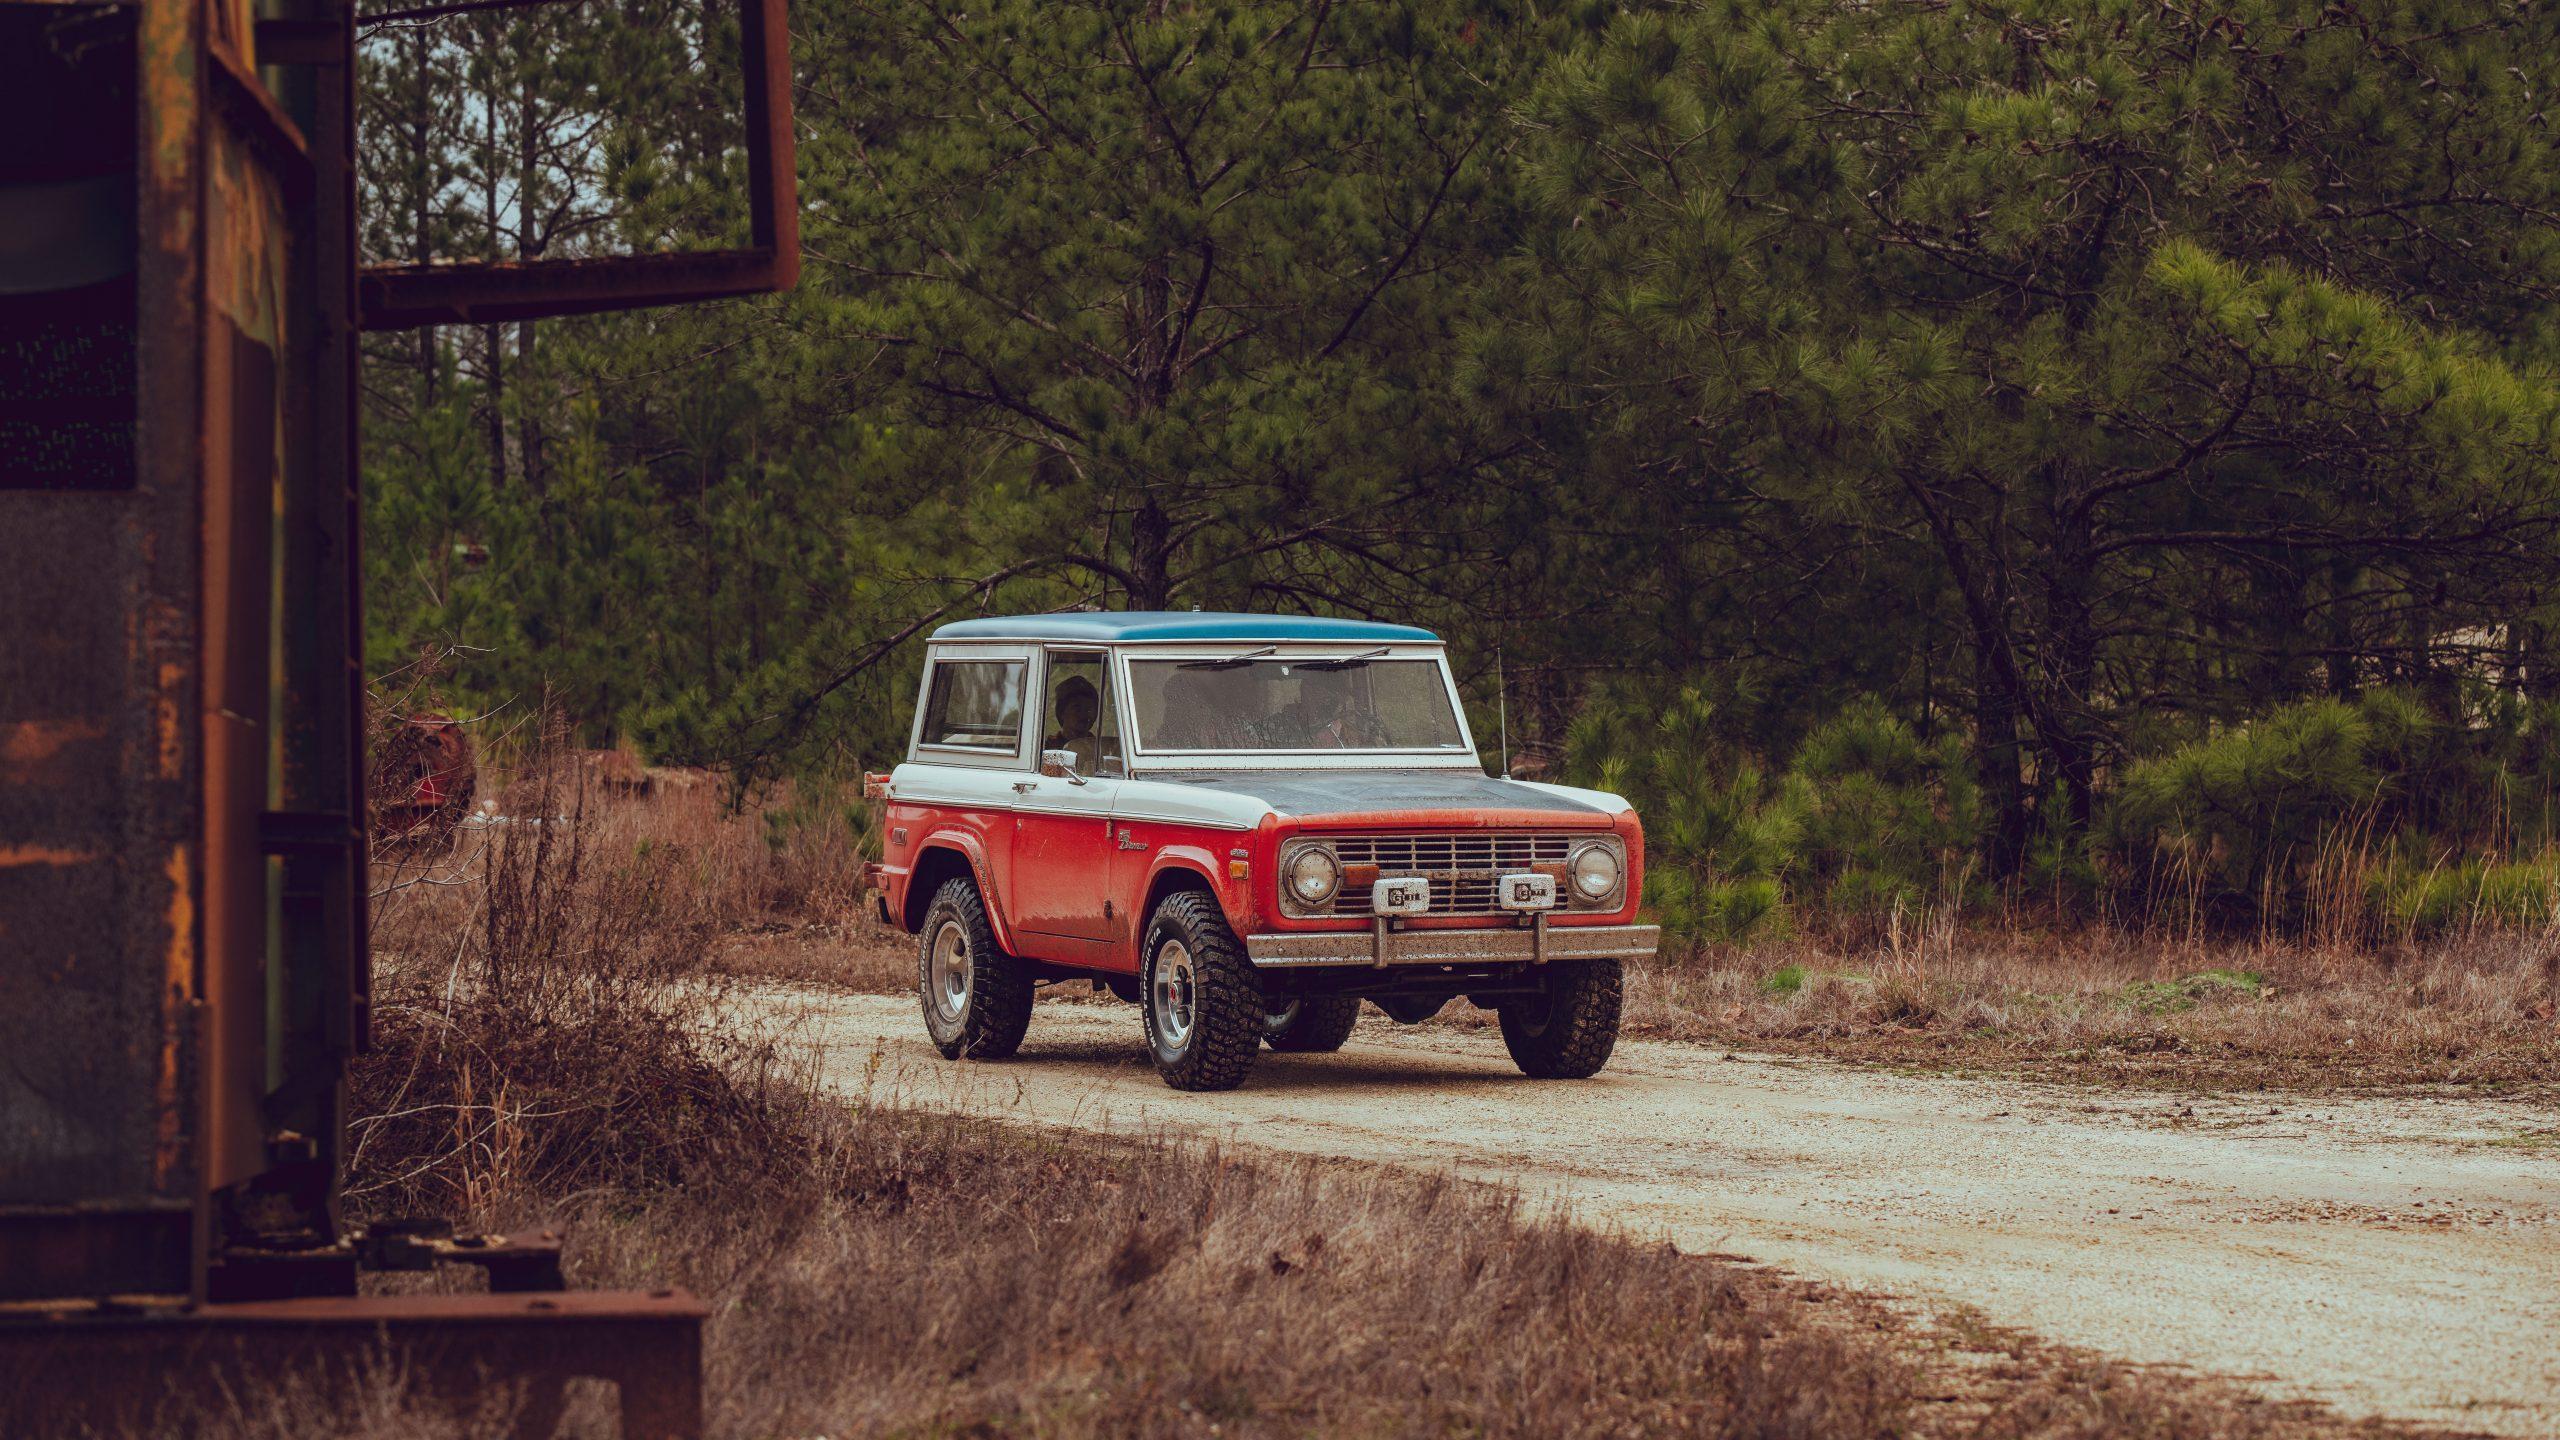 Eric Oberlander's 1971 Ford Bronco